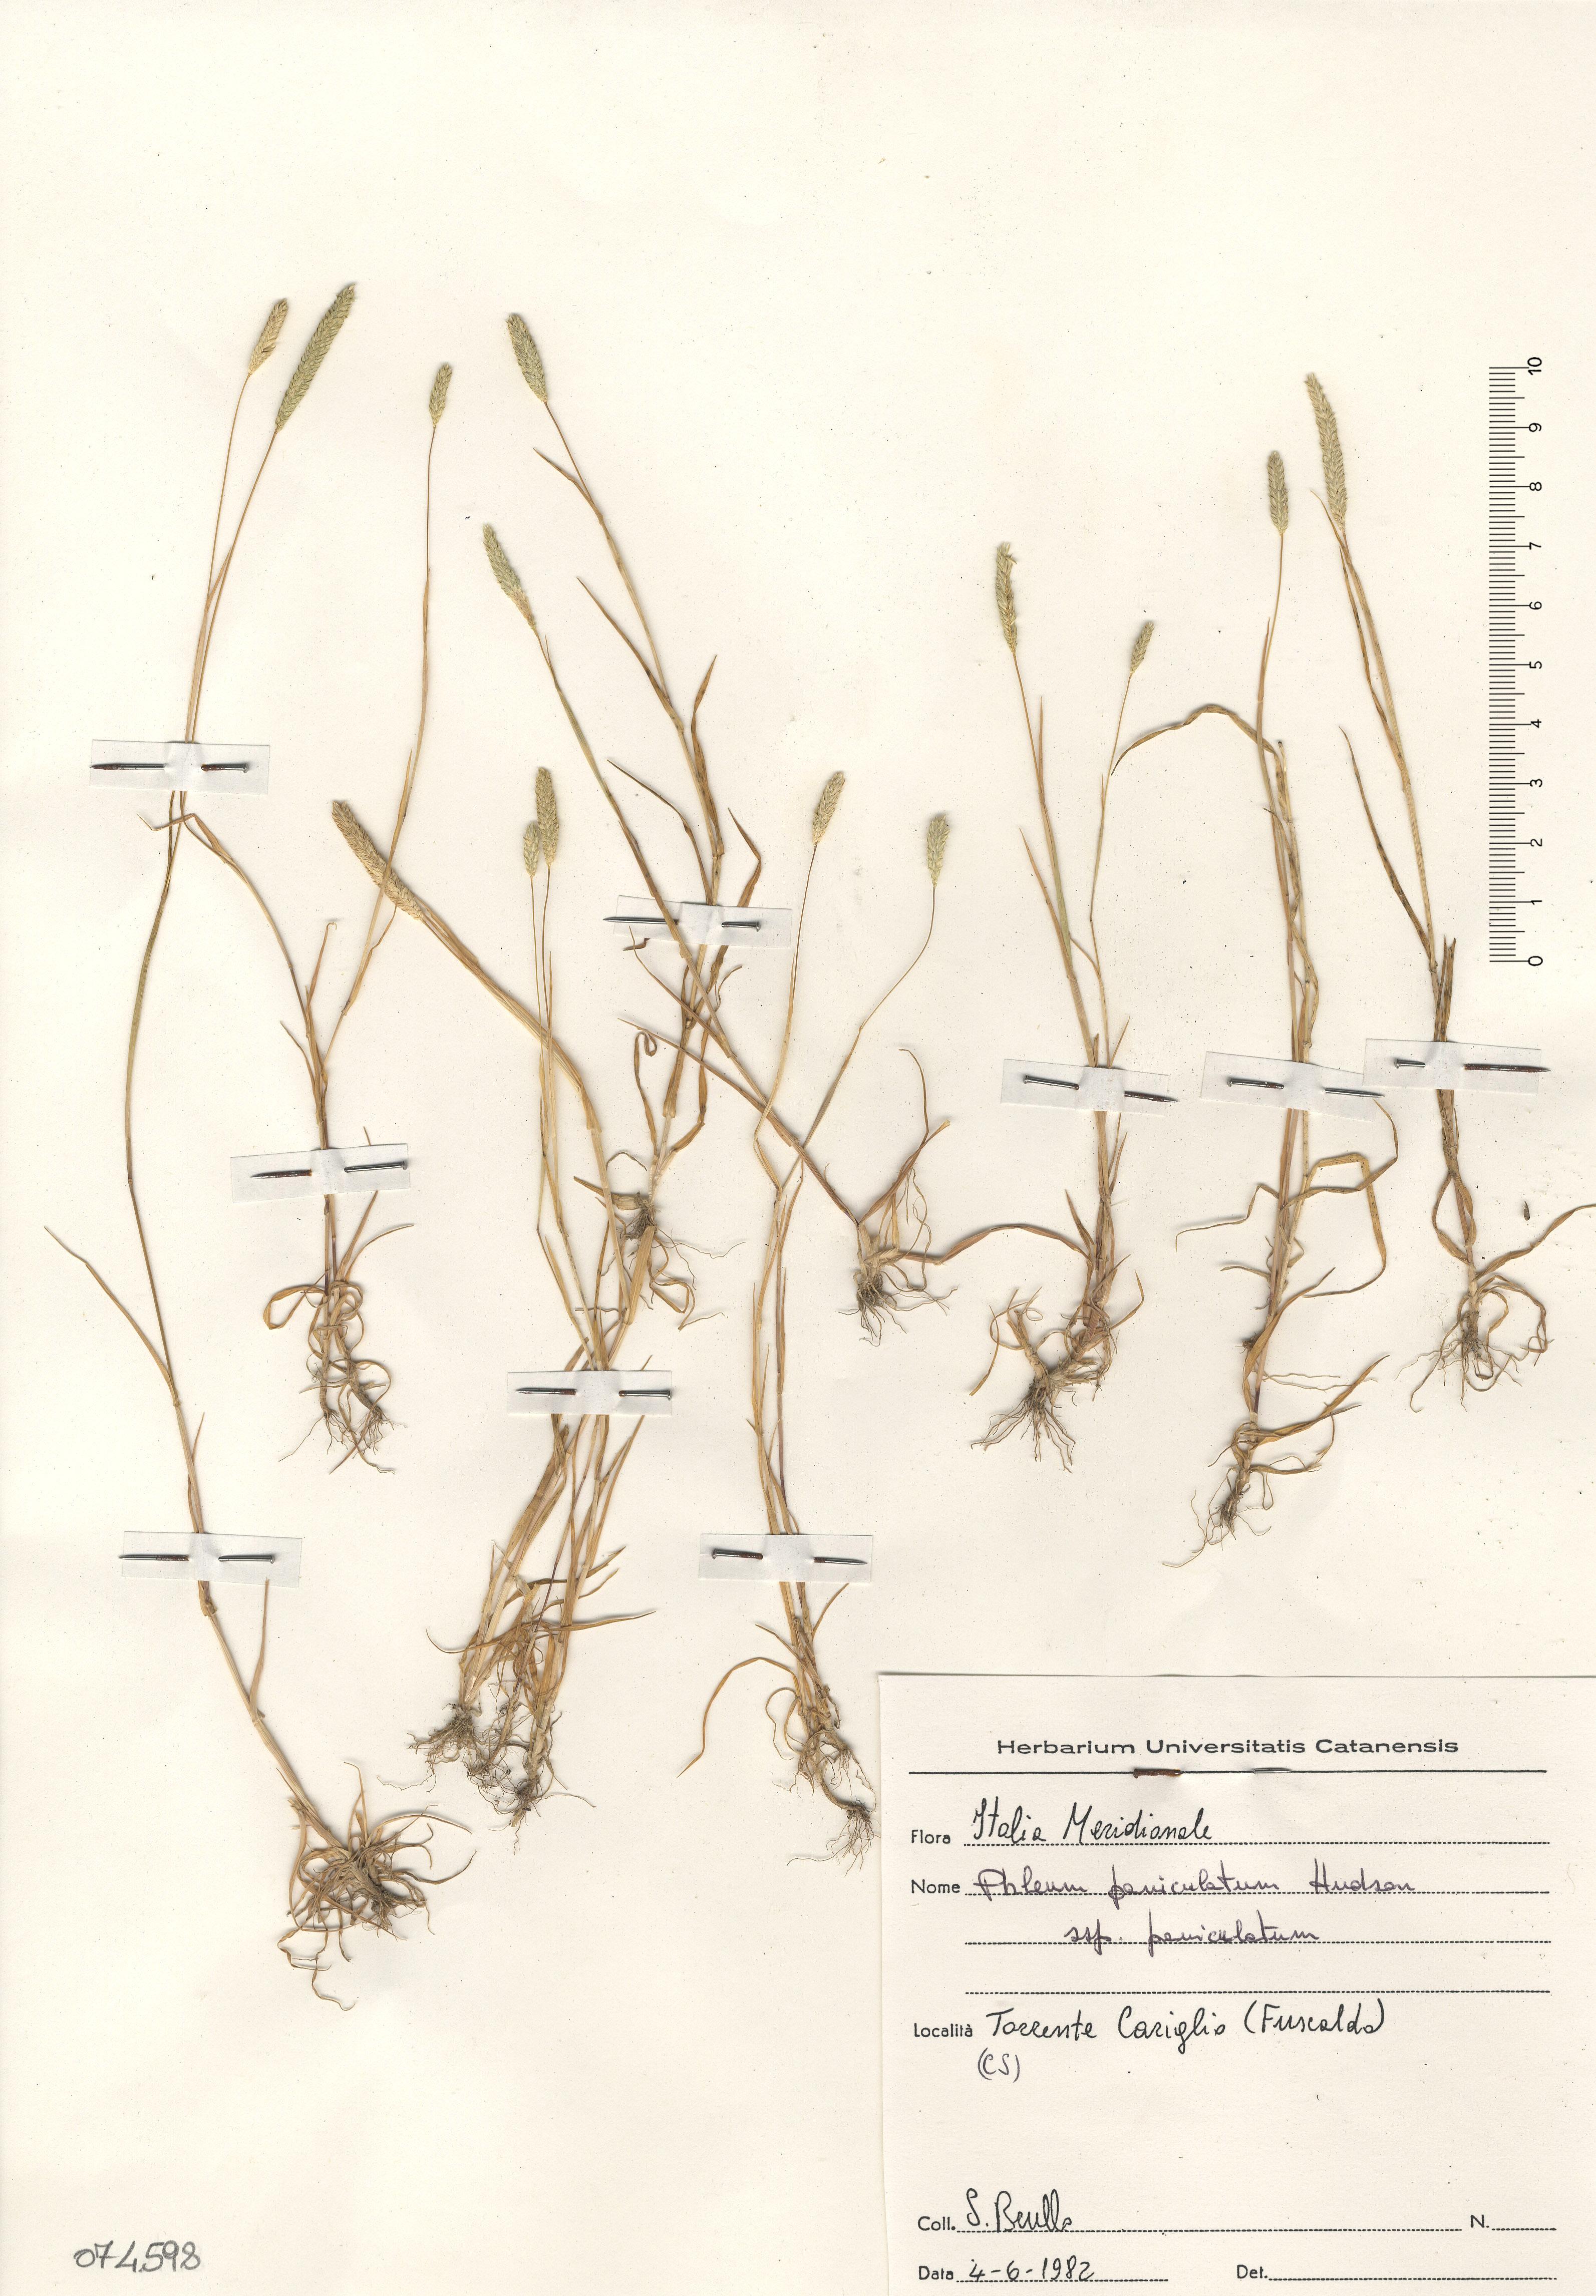 © Hortus Botanicus Catinensis - Herb. sheet 074598<br>